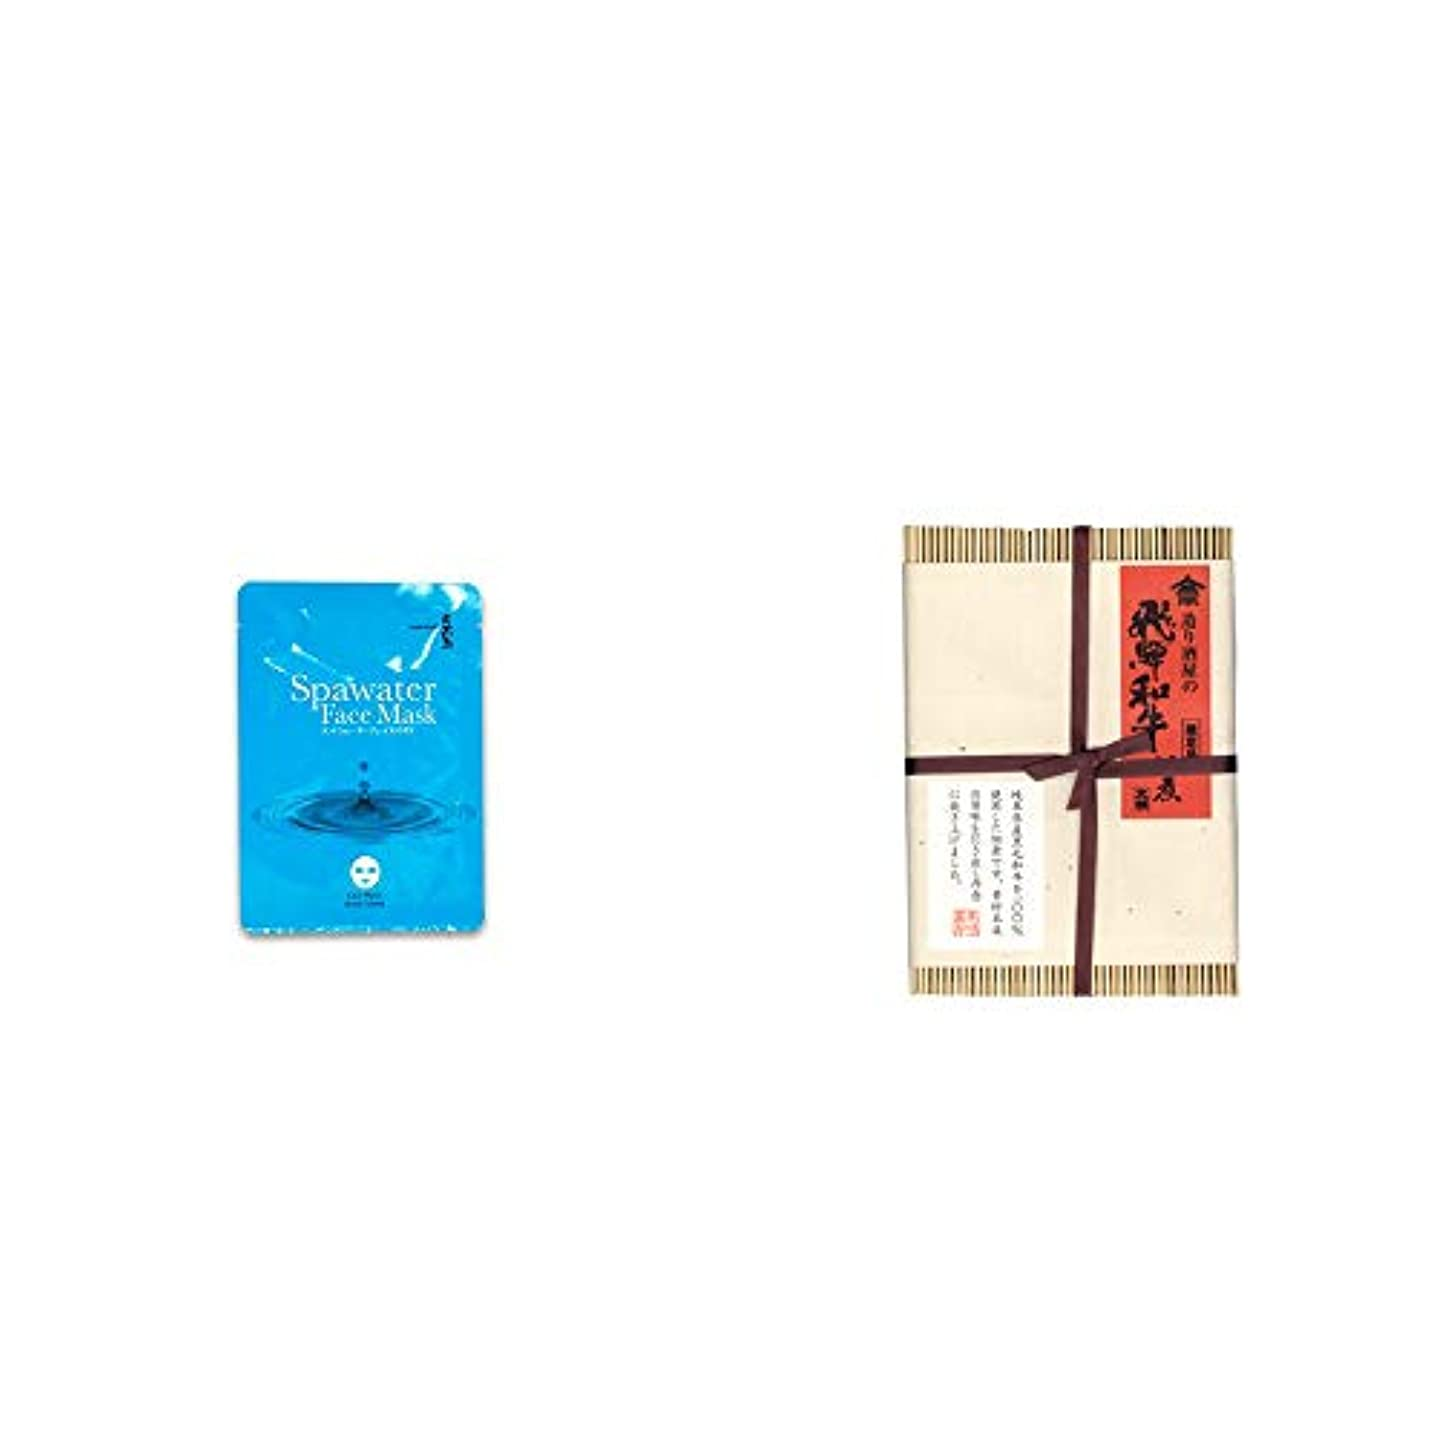 野ウサギ関数血[2点セット] ひのき炭黒泉 スパウォーターフェイスマスク(18ml×3枚入)?天領酒造 造り酒屋の飛騨和牛佃煮(100g)